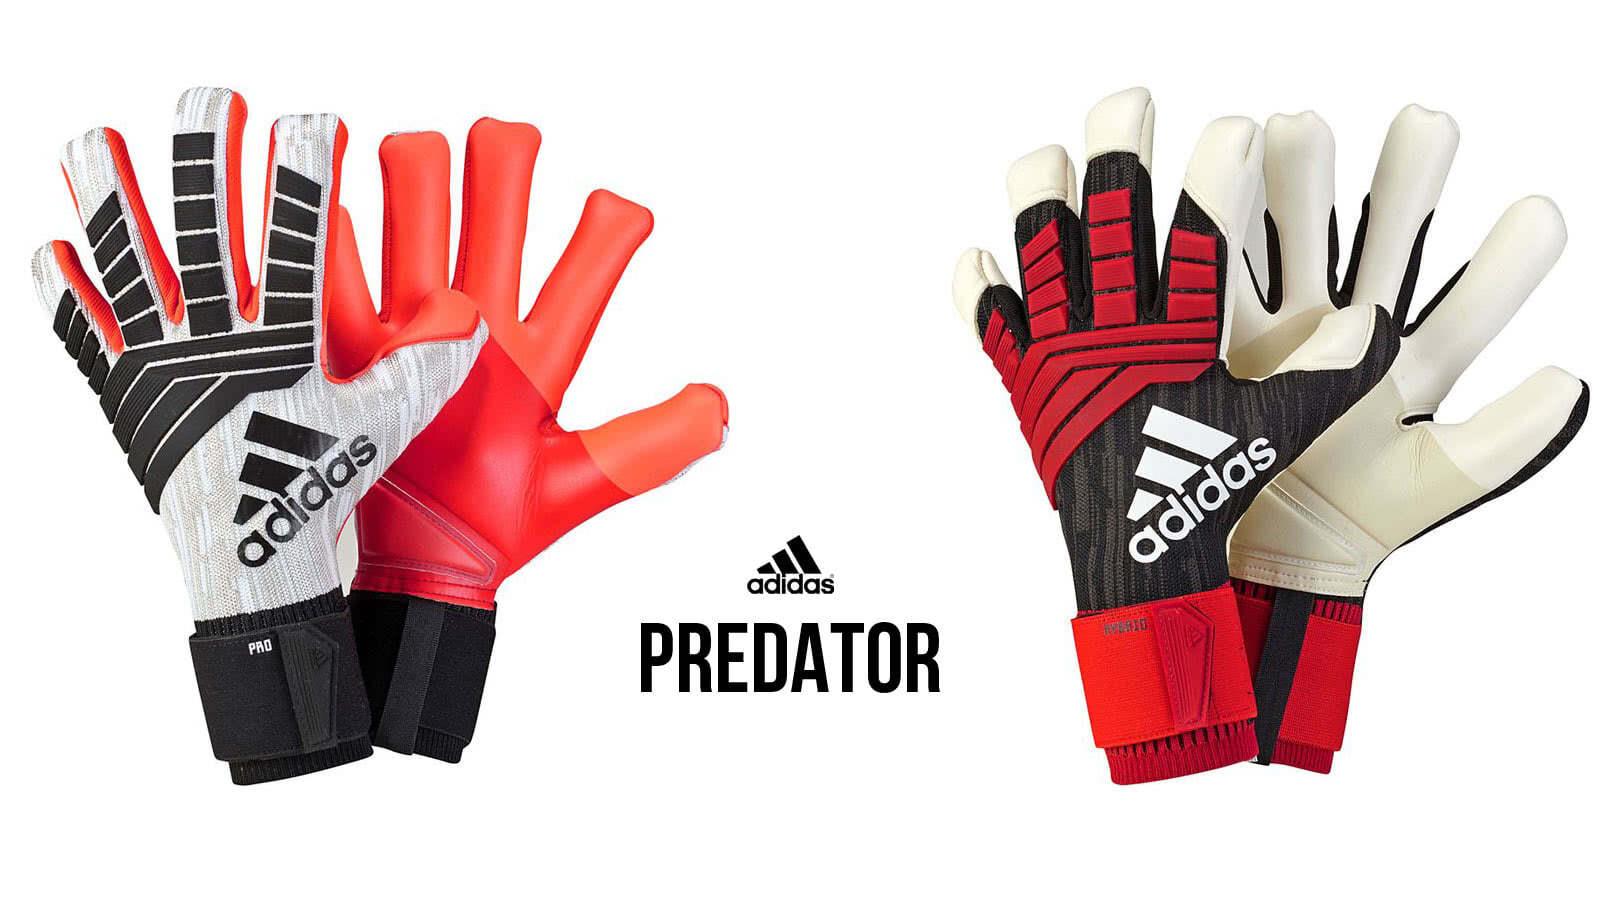 adidas Predator Hybrid und adidas Predator Pro Torwarthandschuhe im Vergleich